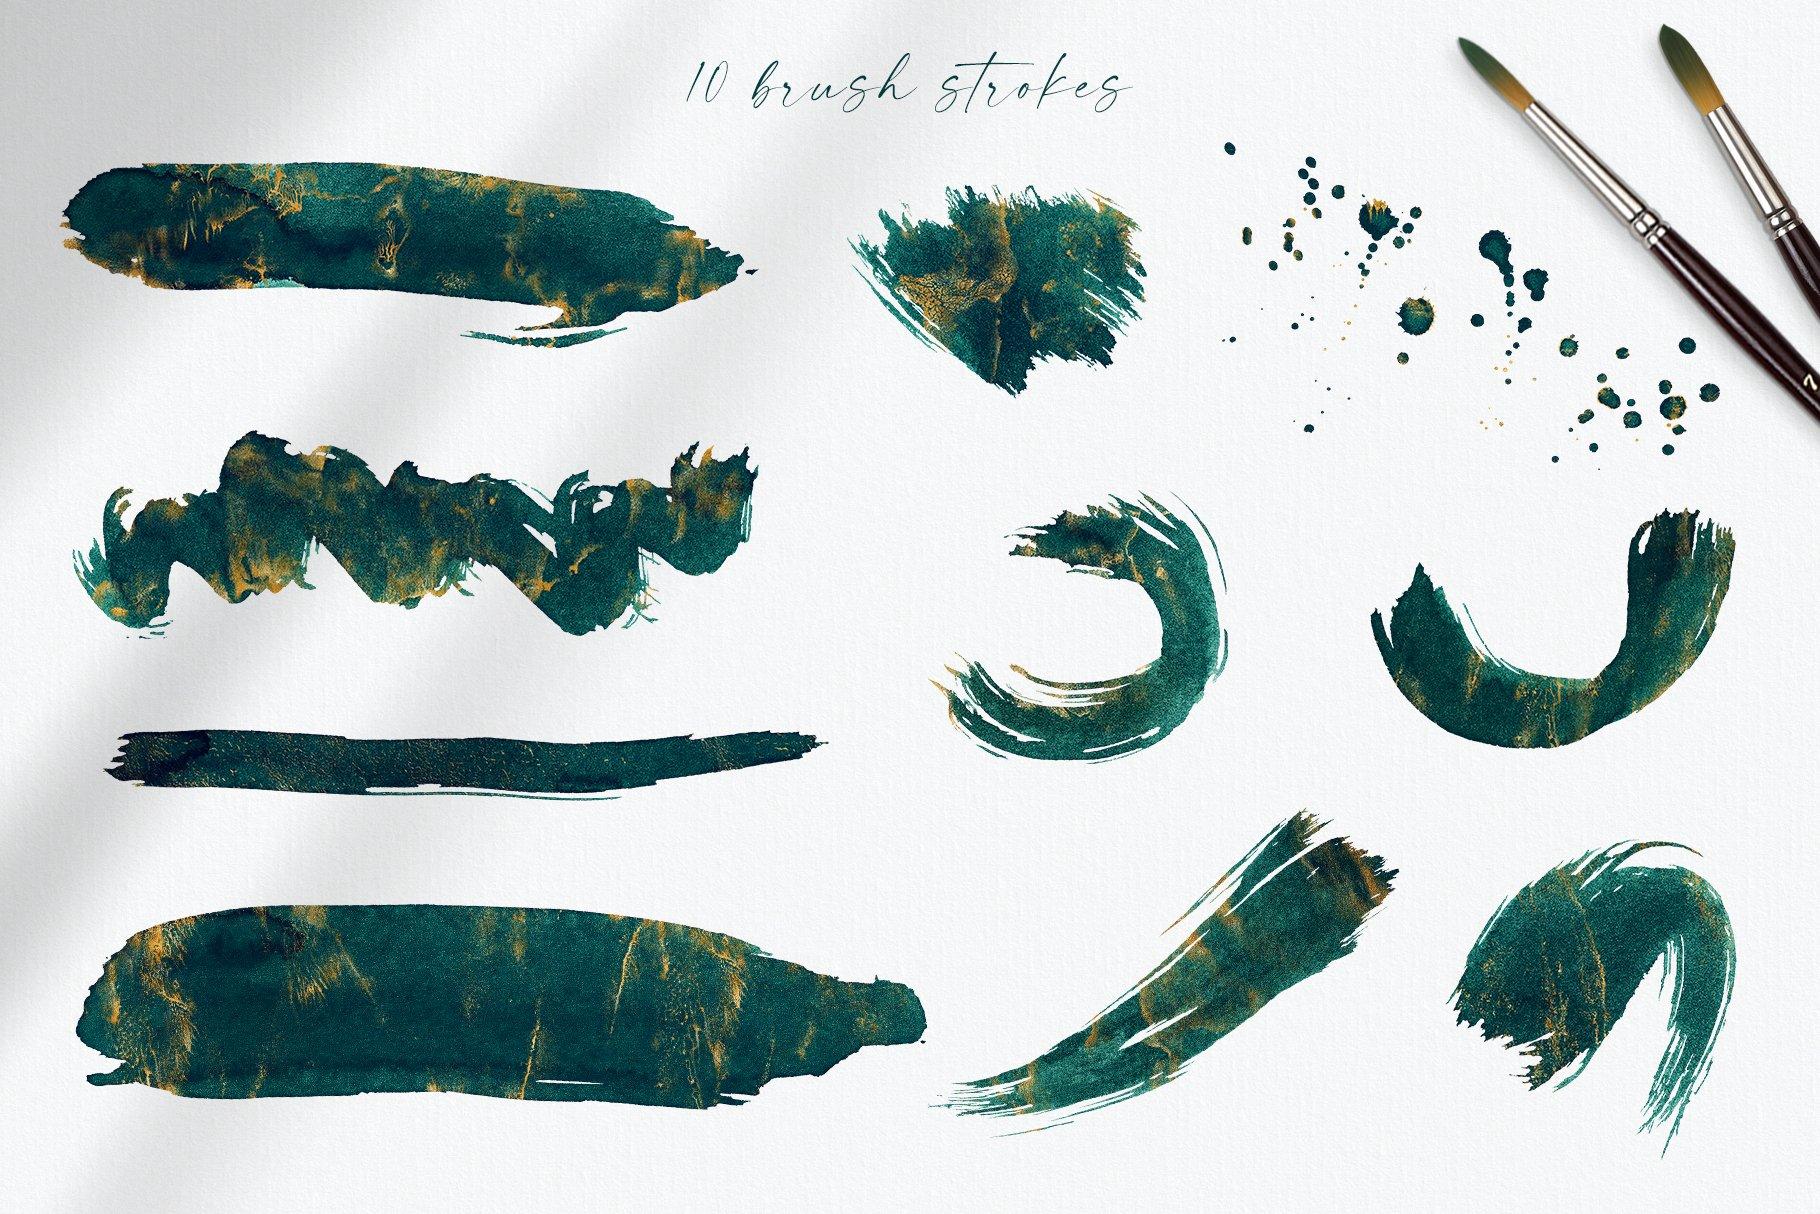 30款奢华翡翠墨绿流金水彩抽象艺术装饰背景底纹图片素材 Seamless Watercolor Backgrounds插图22